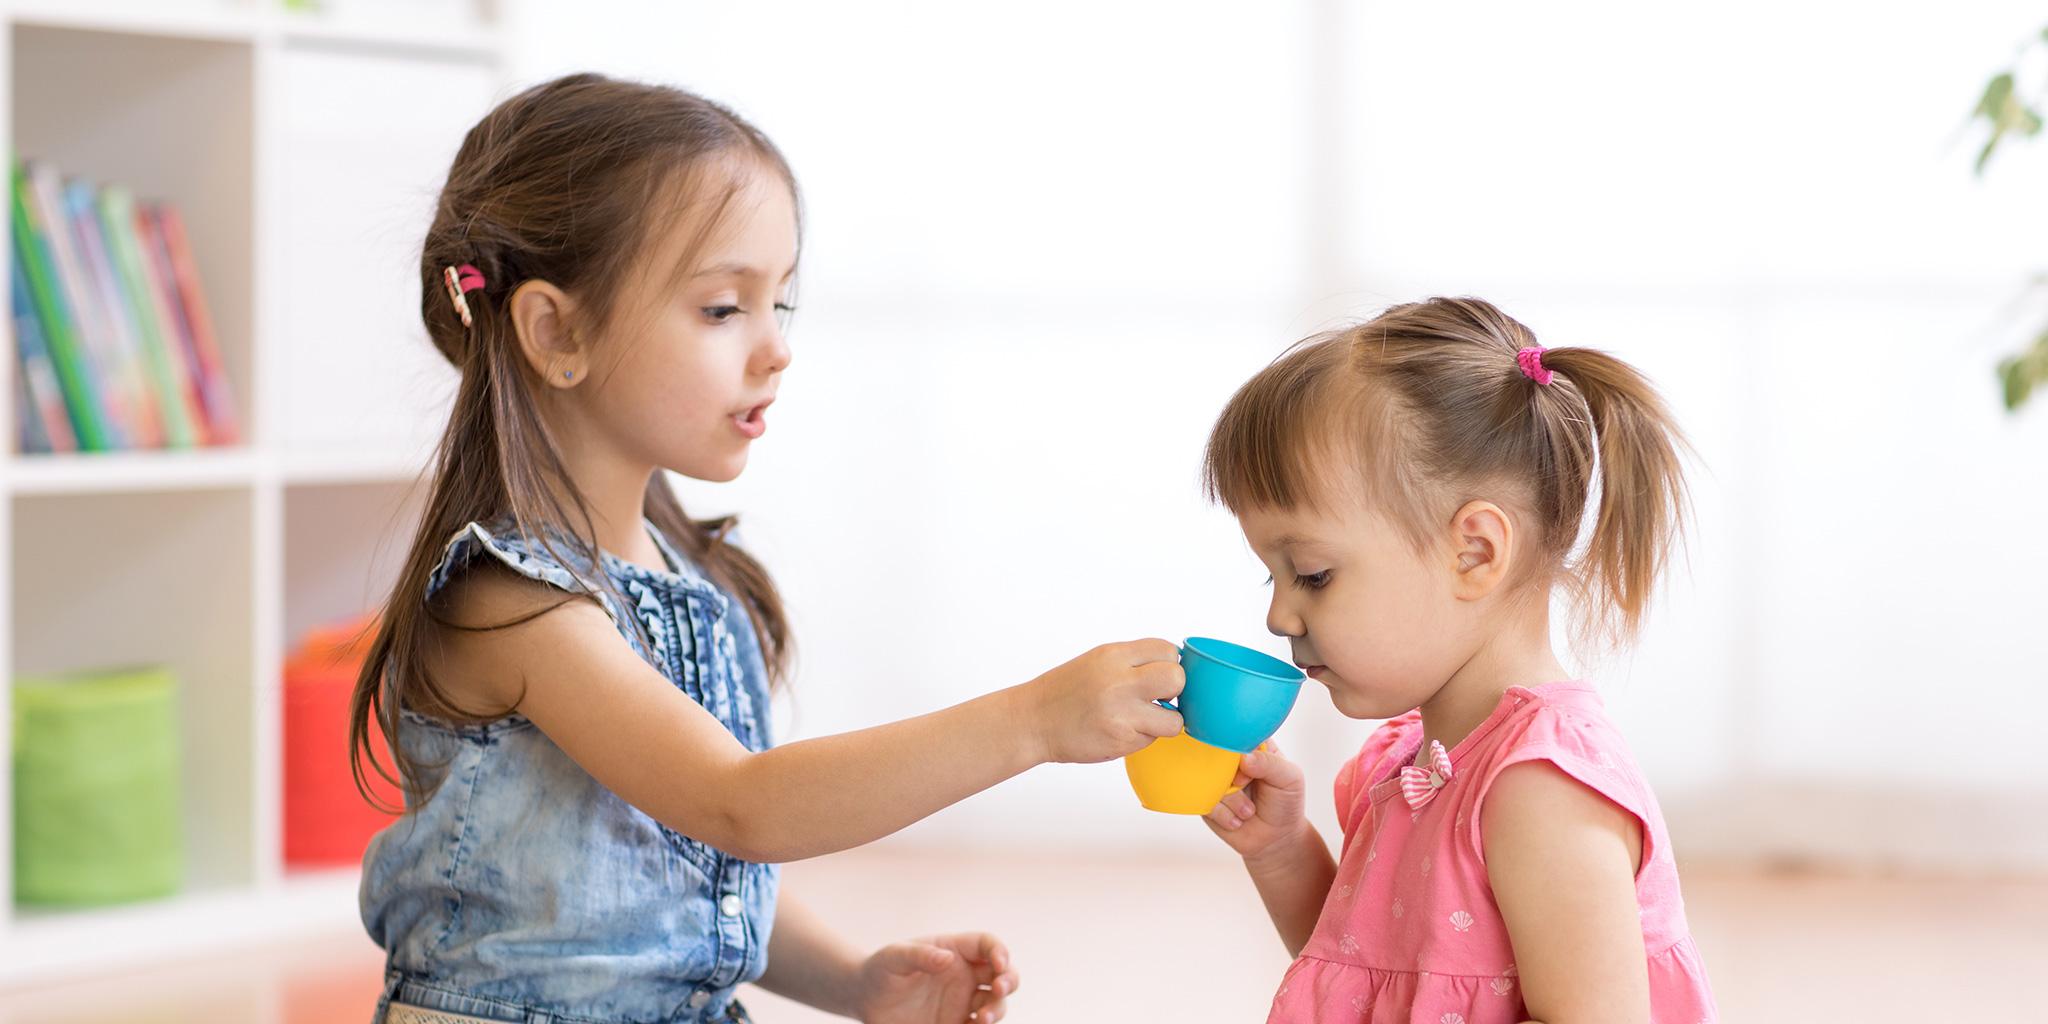 Jak chůvě s vašimi dětmi důvěřovat